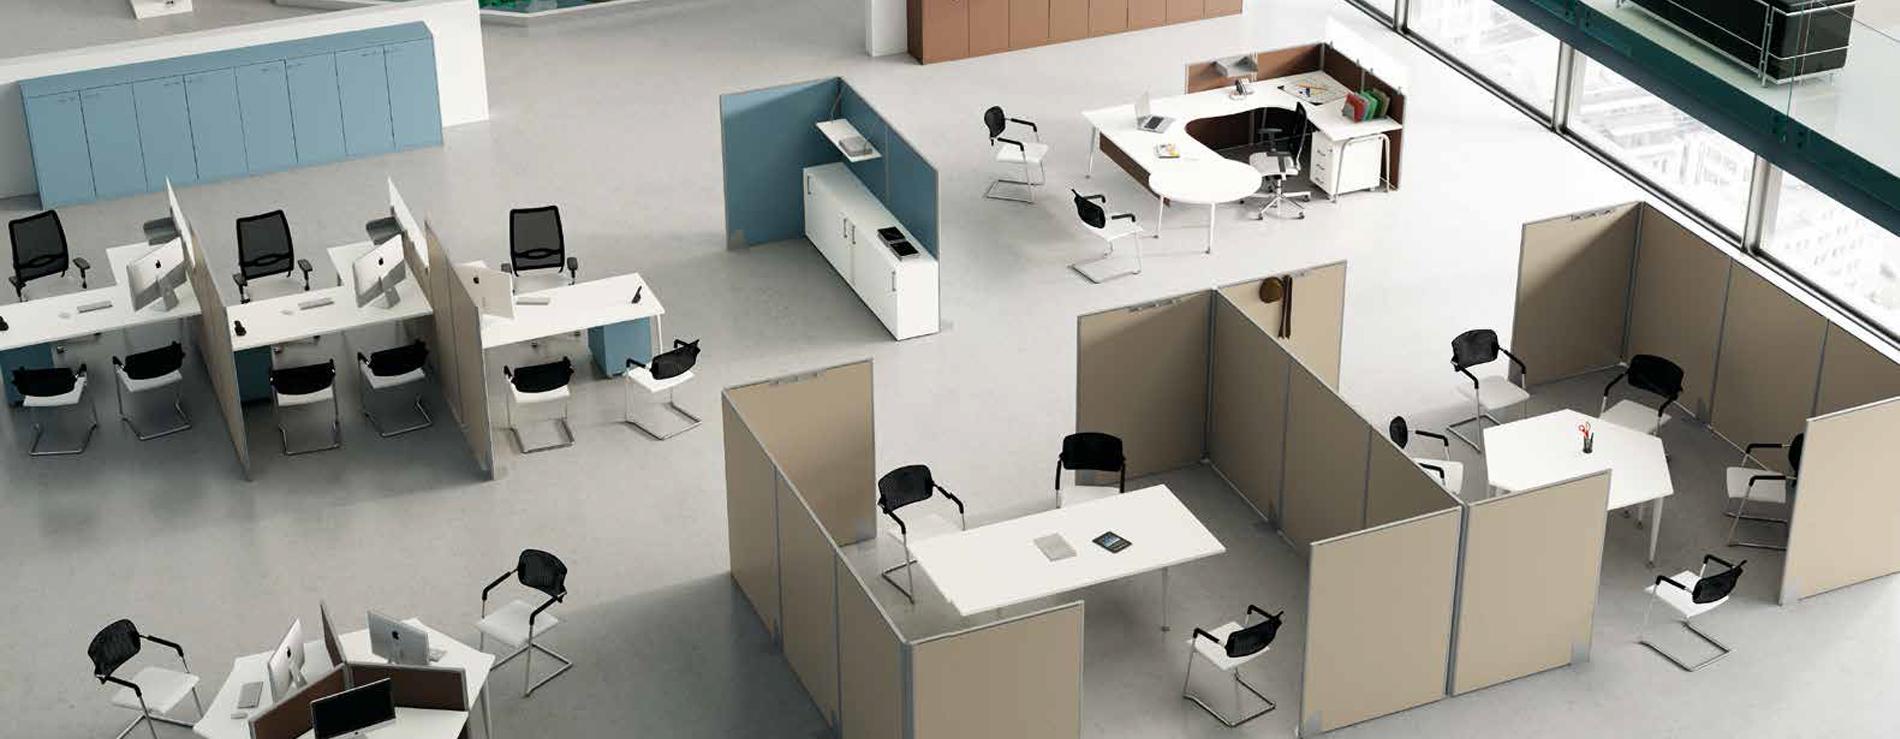 Sistemi divisori per uffici centro mobili for Divisori mobili per ufficio